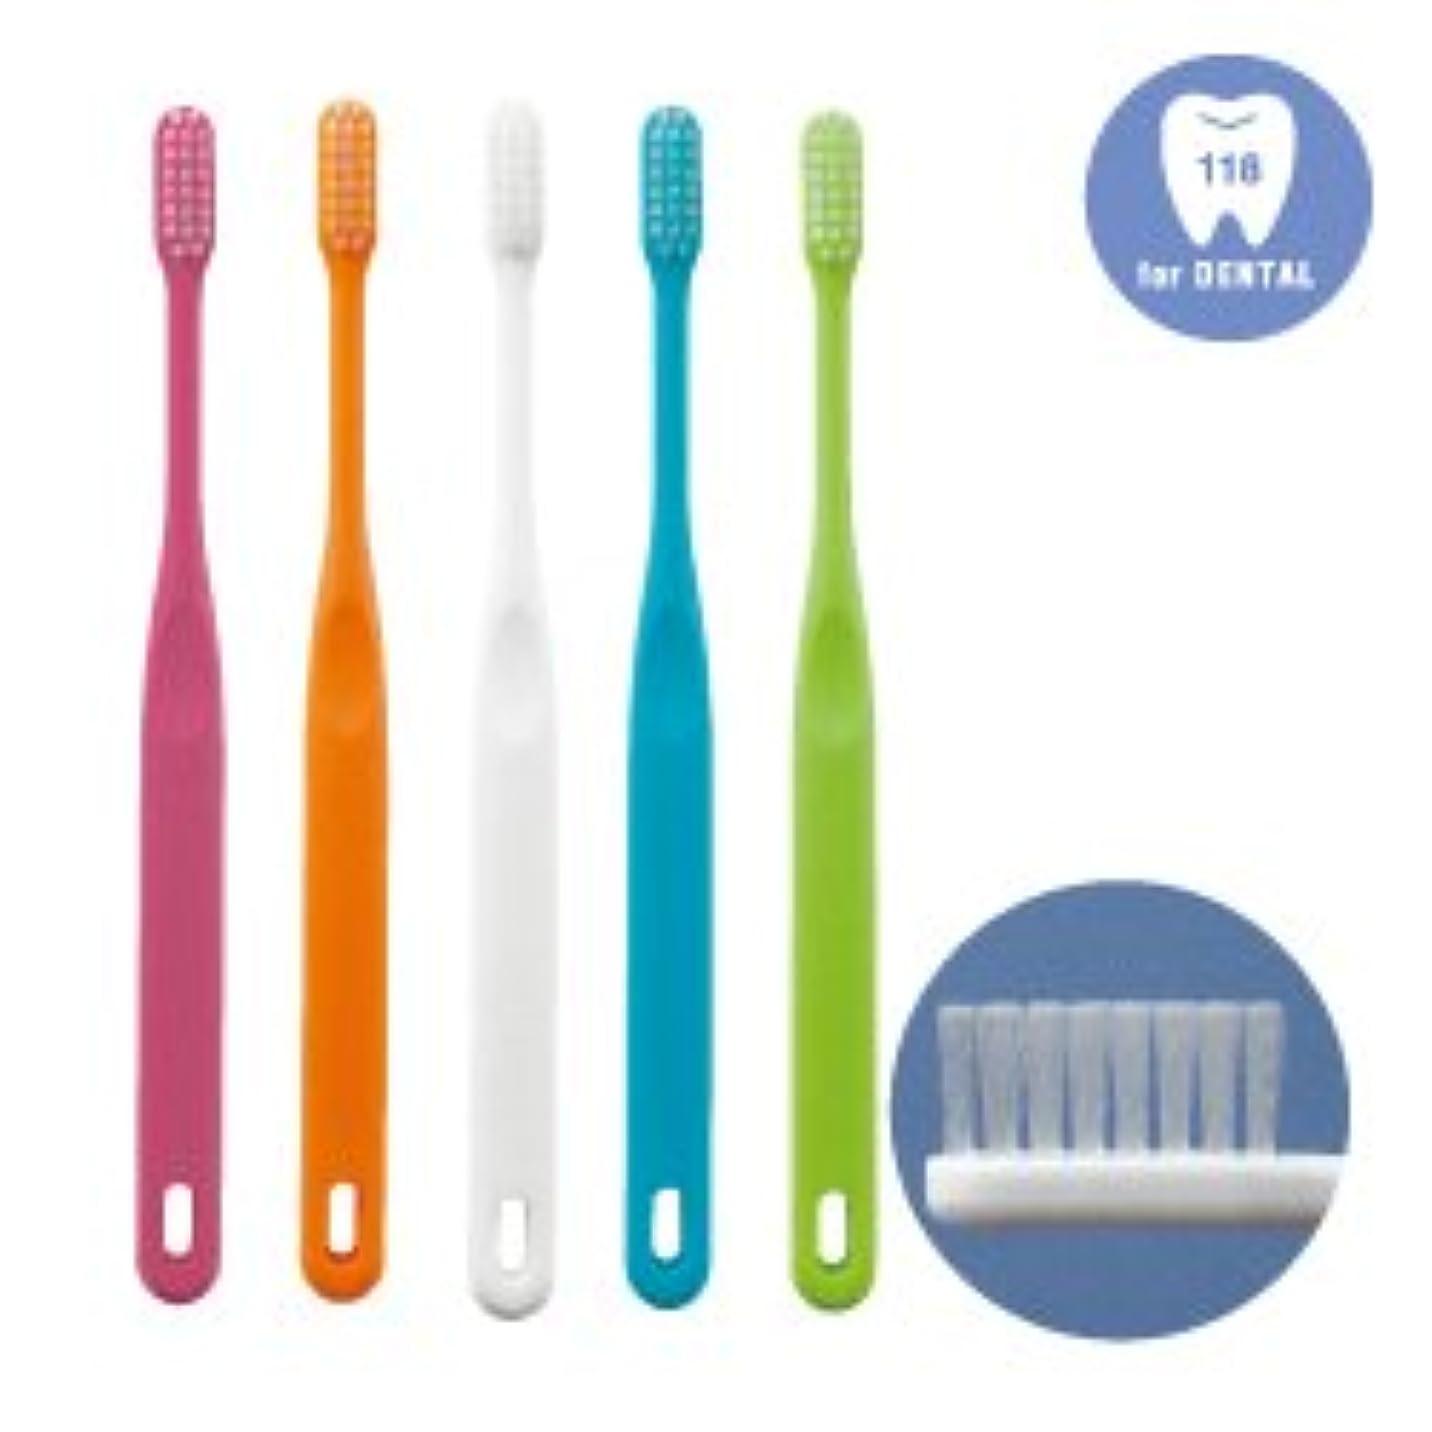 正確にこれまでこんにちは歯科専用歯ブラシ「118シリーズ」Advance(アドバンス)M(ふつう)25本